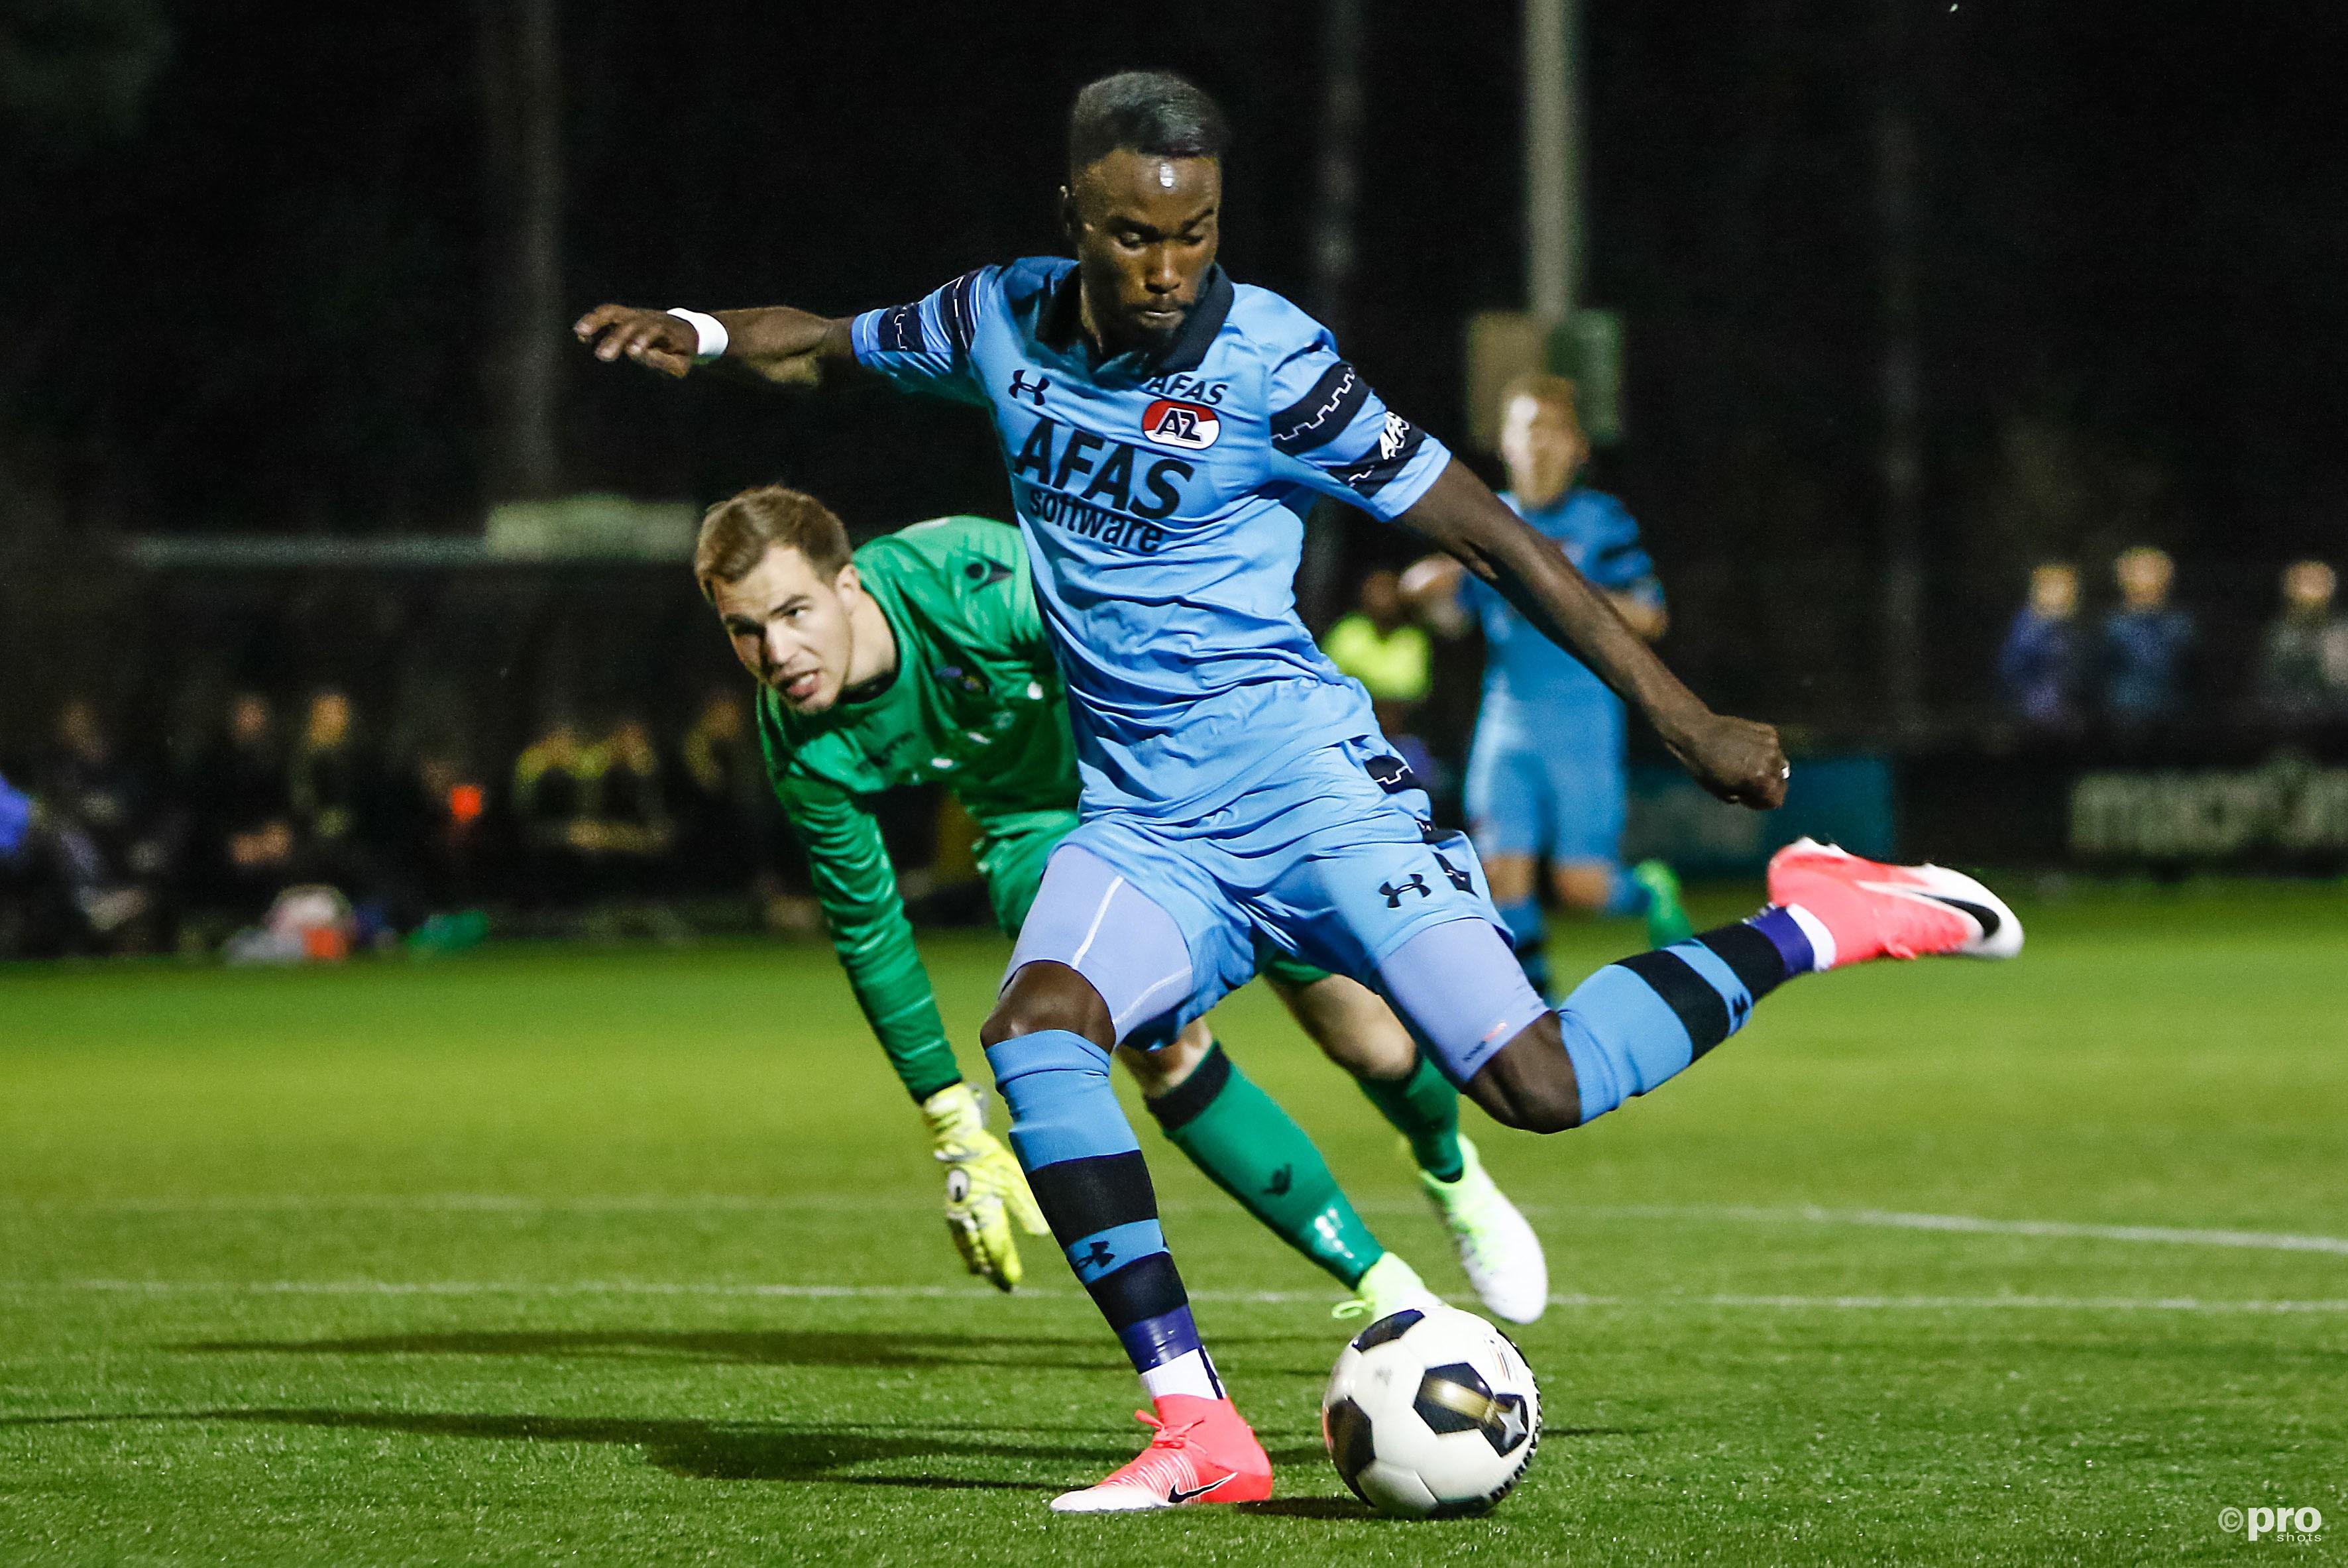 Jong AZ speler Fernando Lewis maakt de 0-1 voor jong AZ Jong Vitesse keeper Jeroen Houwen is kansloos. (PRO SHOTS/Remko Kool)